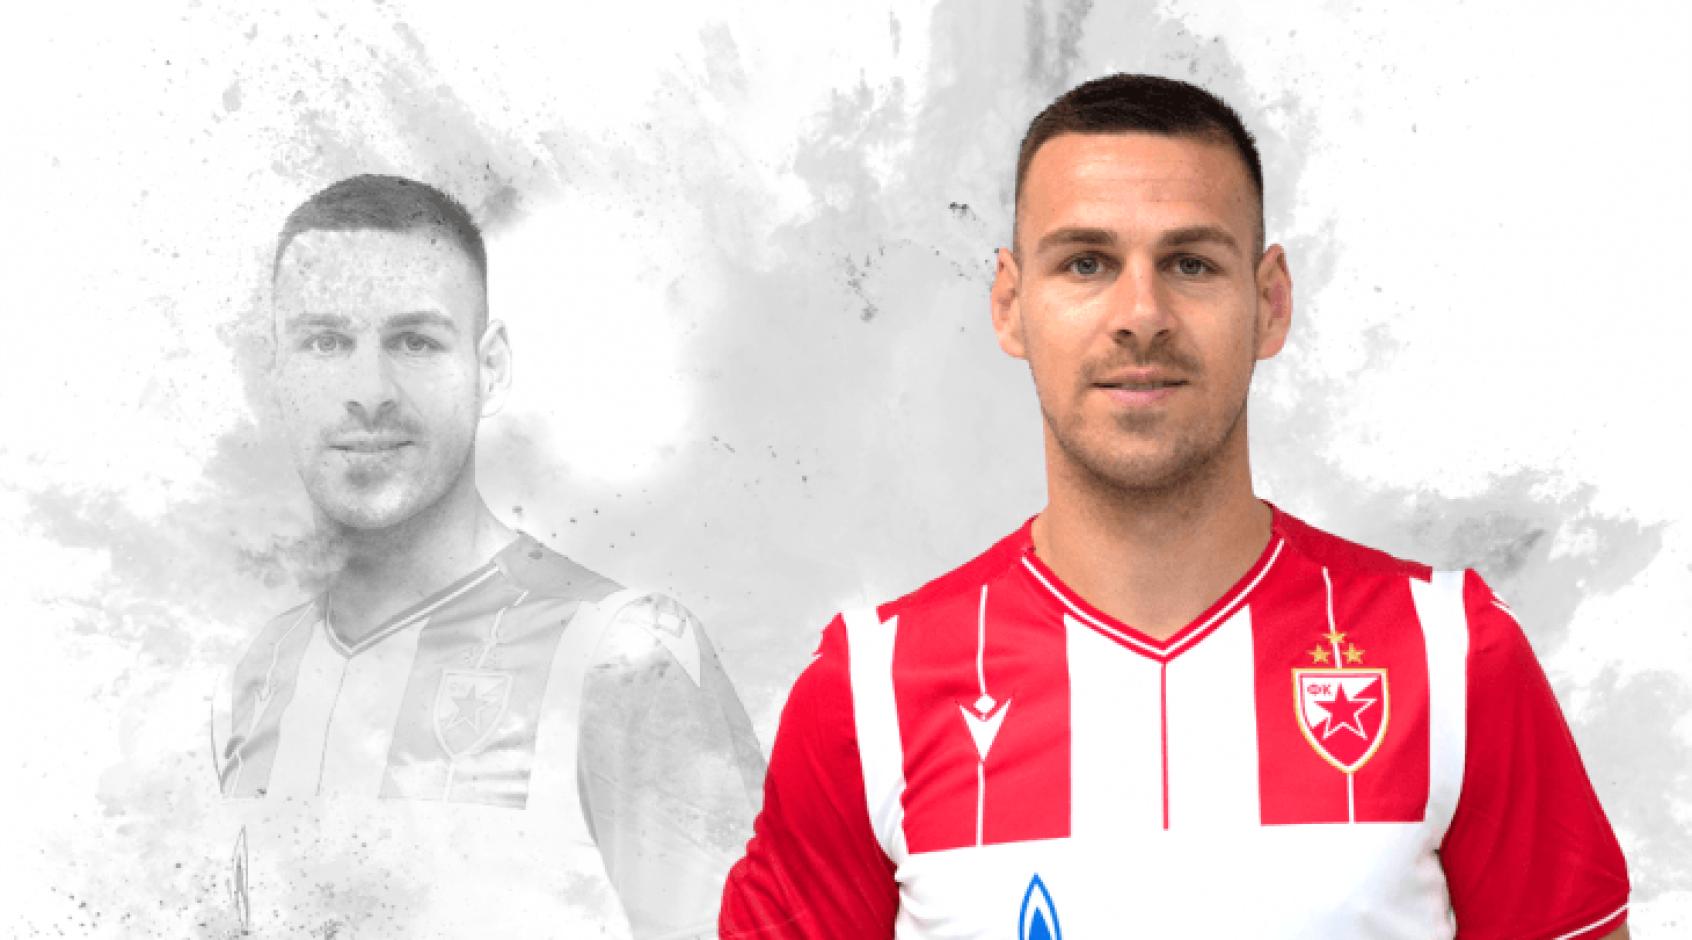 Защитник сборной Сербии Марко Гобельич может пропустить матч против Украины